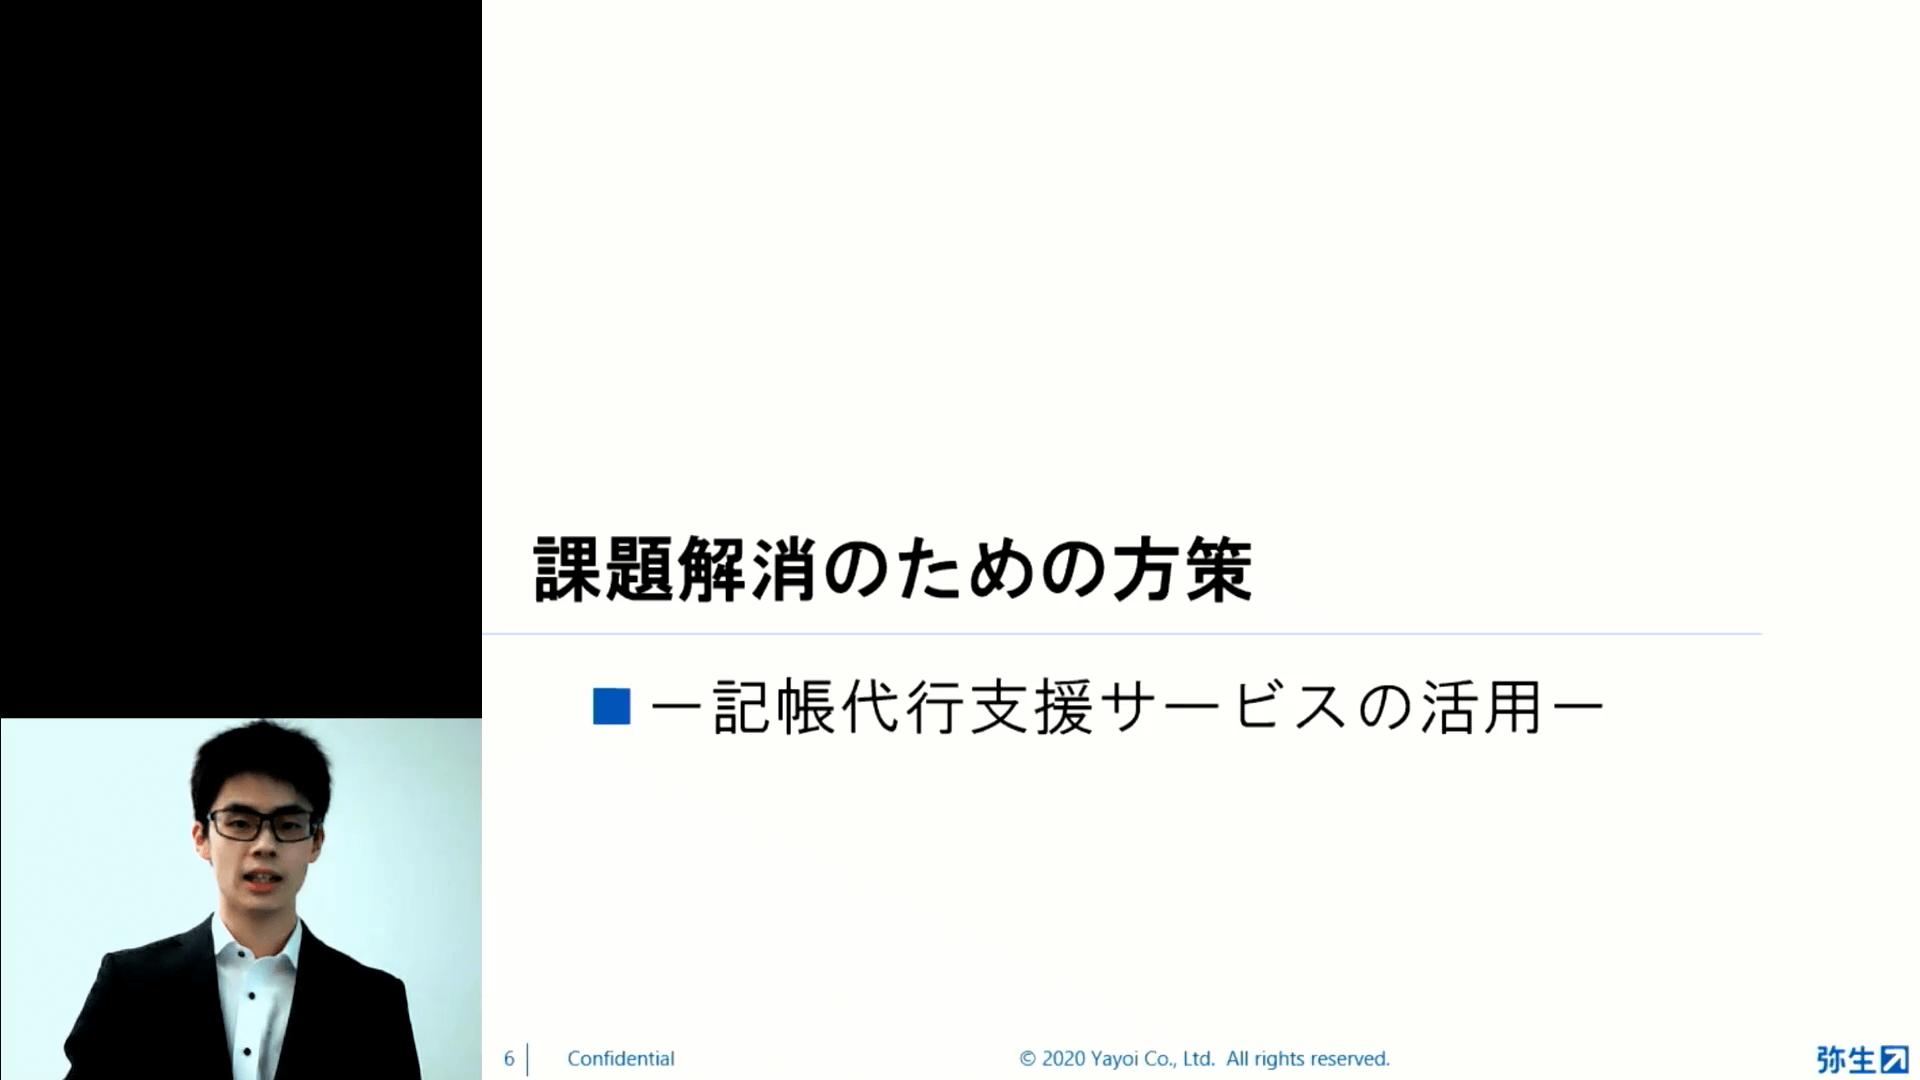 弥生PAPカンファレンス2020秋 KVI税理士法人 西村修斗